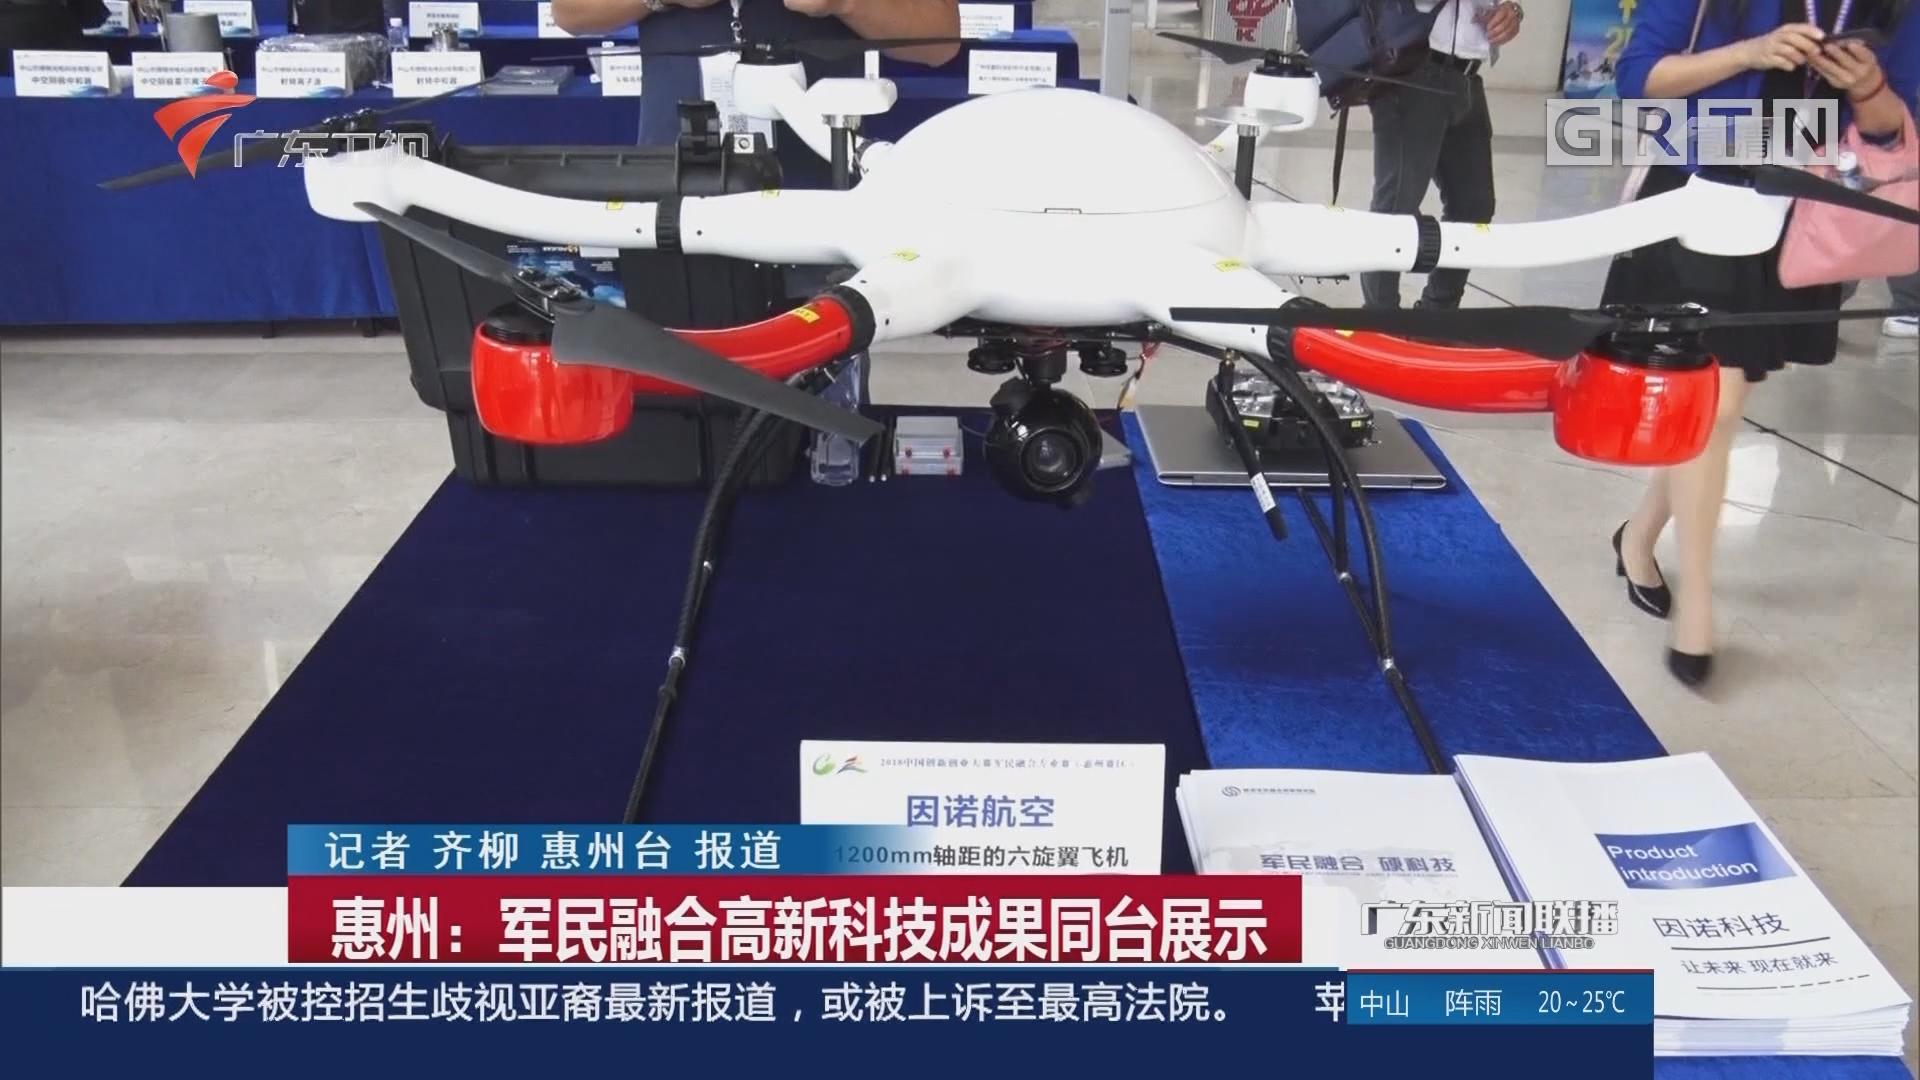 惠州:军民融合高新贝斯特官网登录成果同台展示